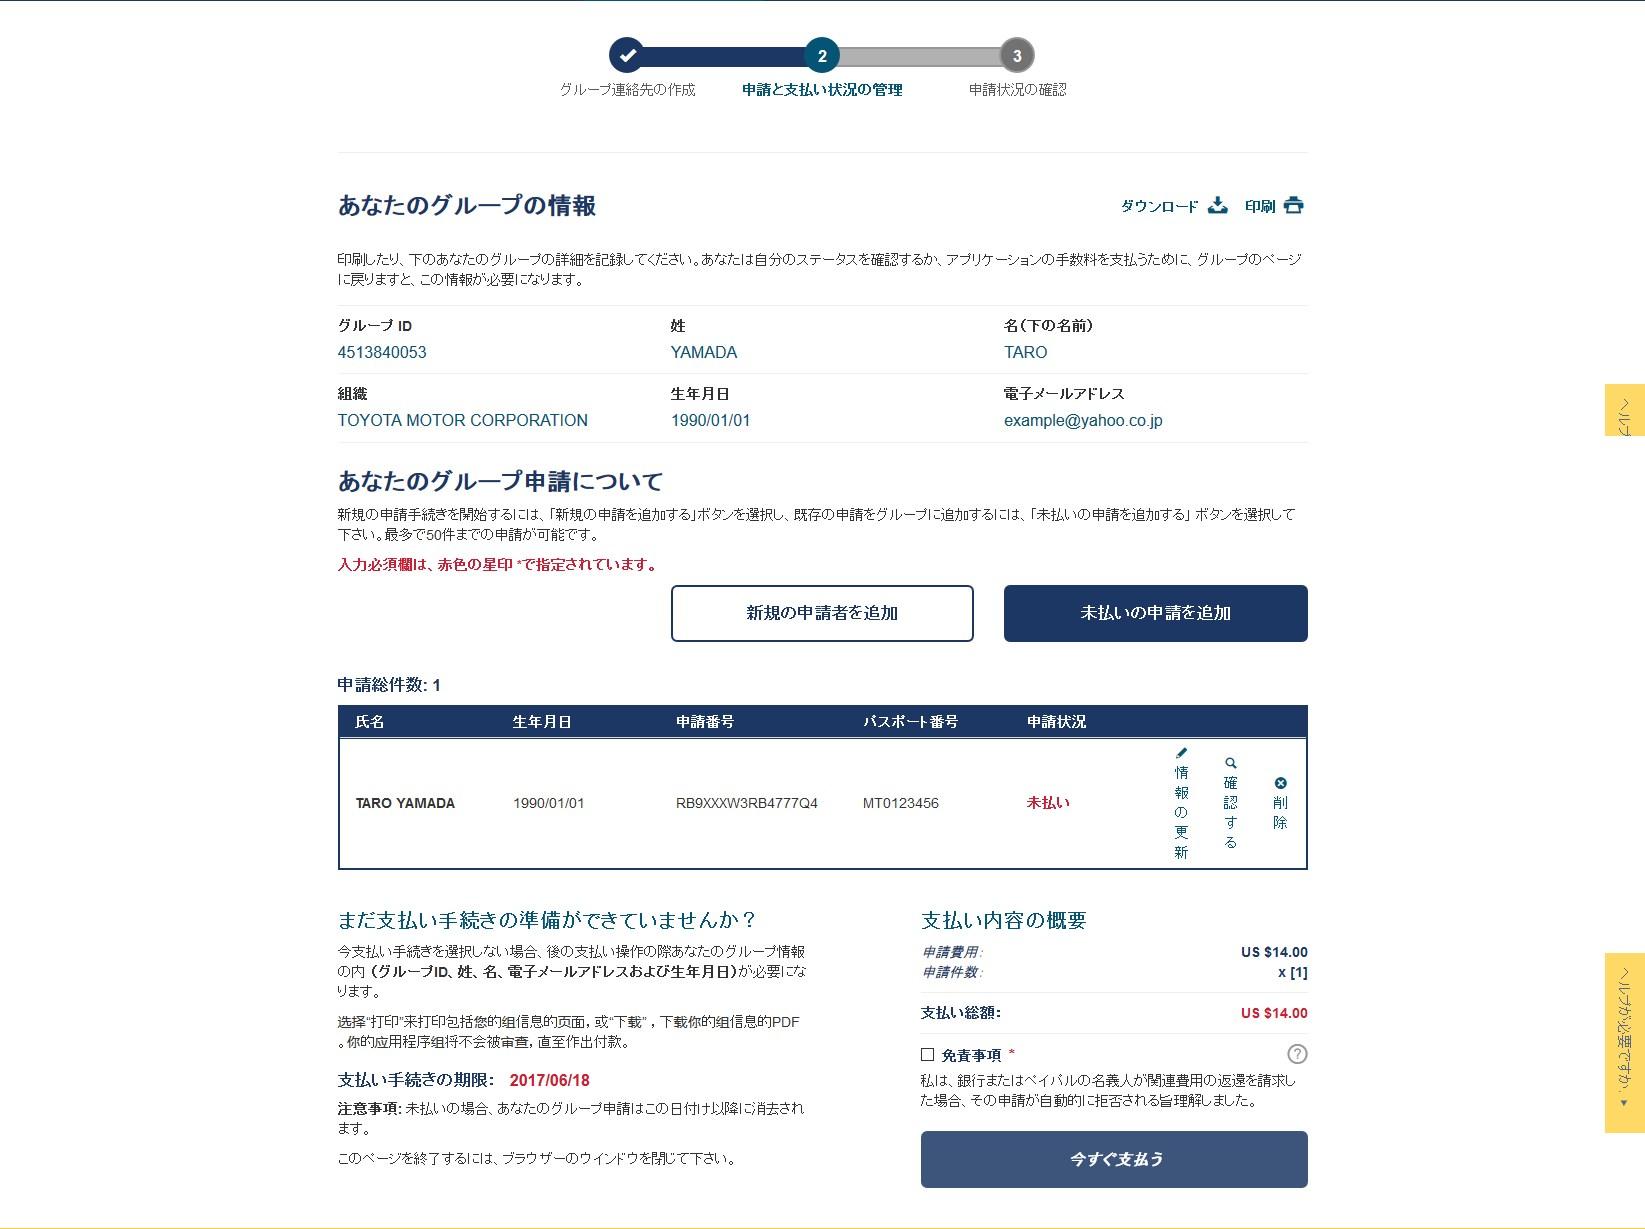 申請内容の確認入力例03